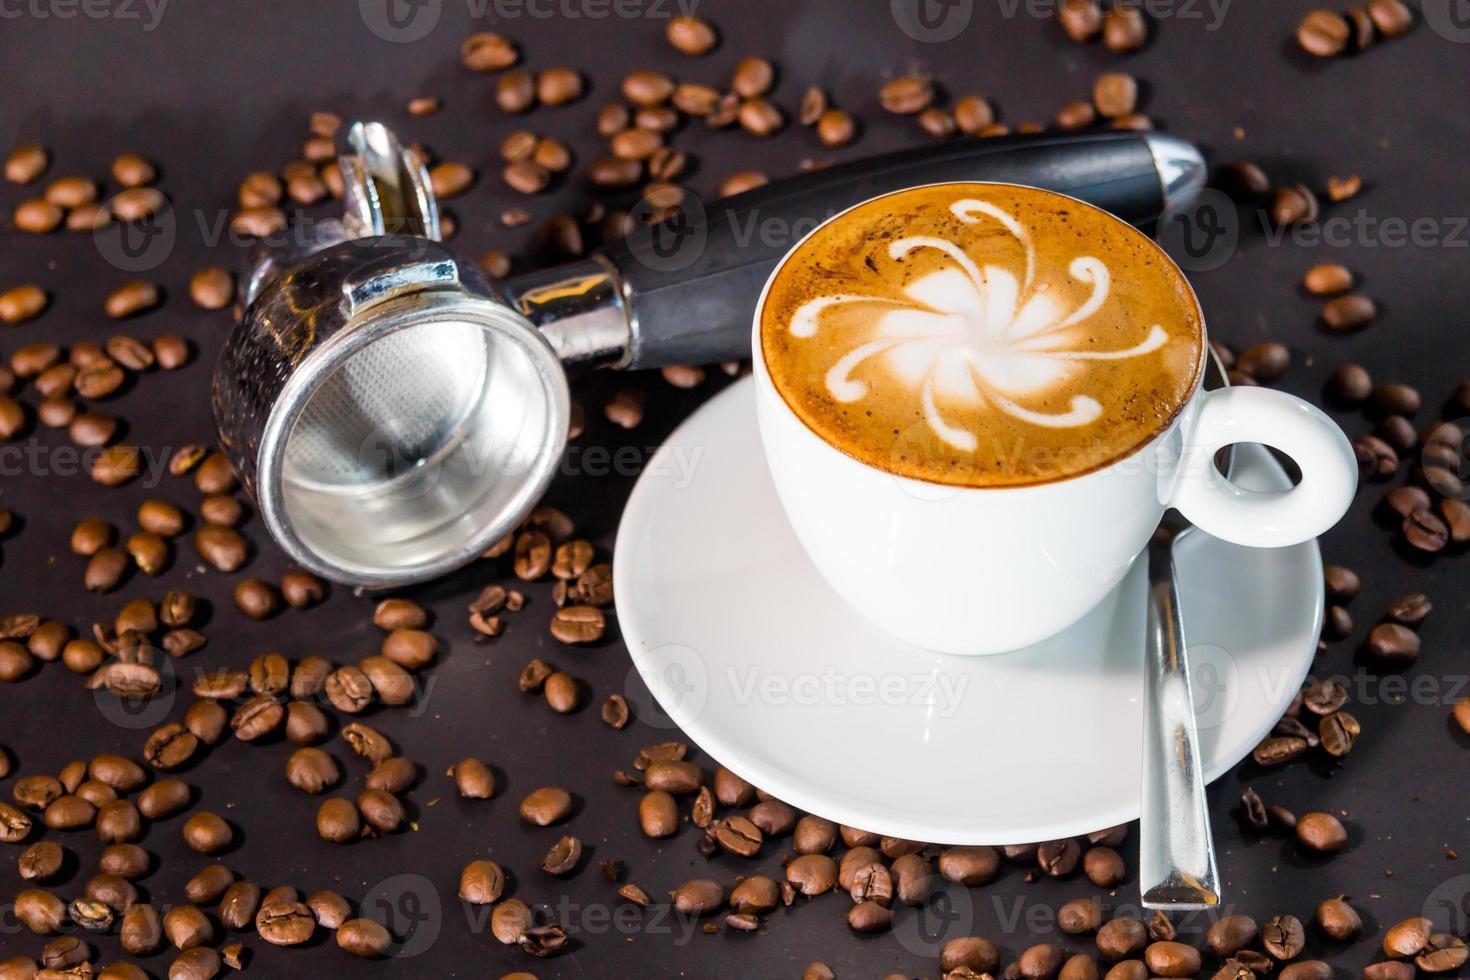 kaffekopp och bönor på en svart bakgrund. foto